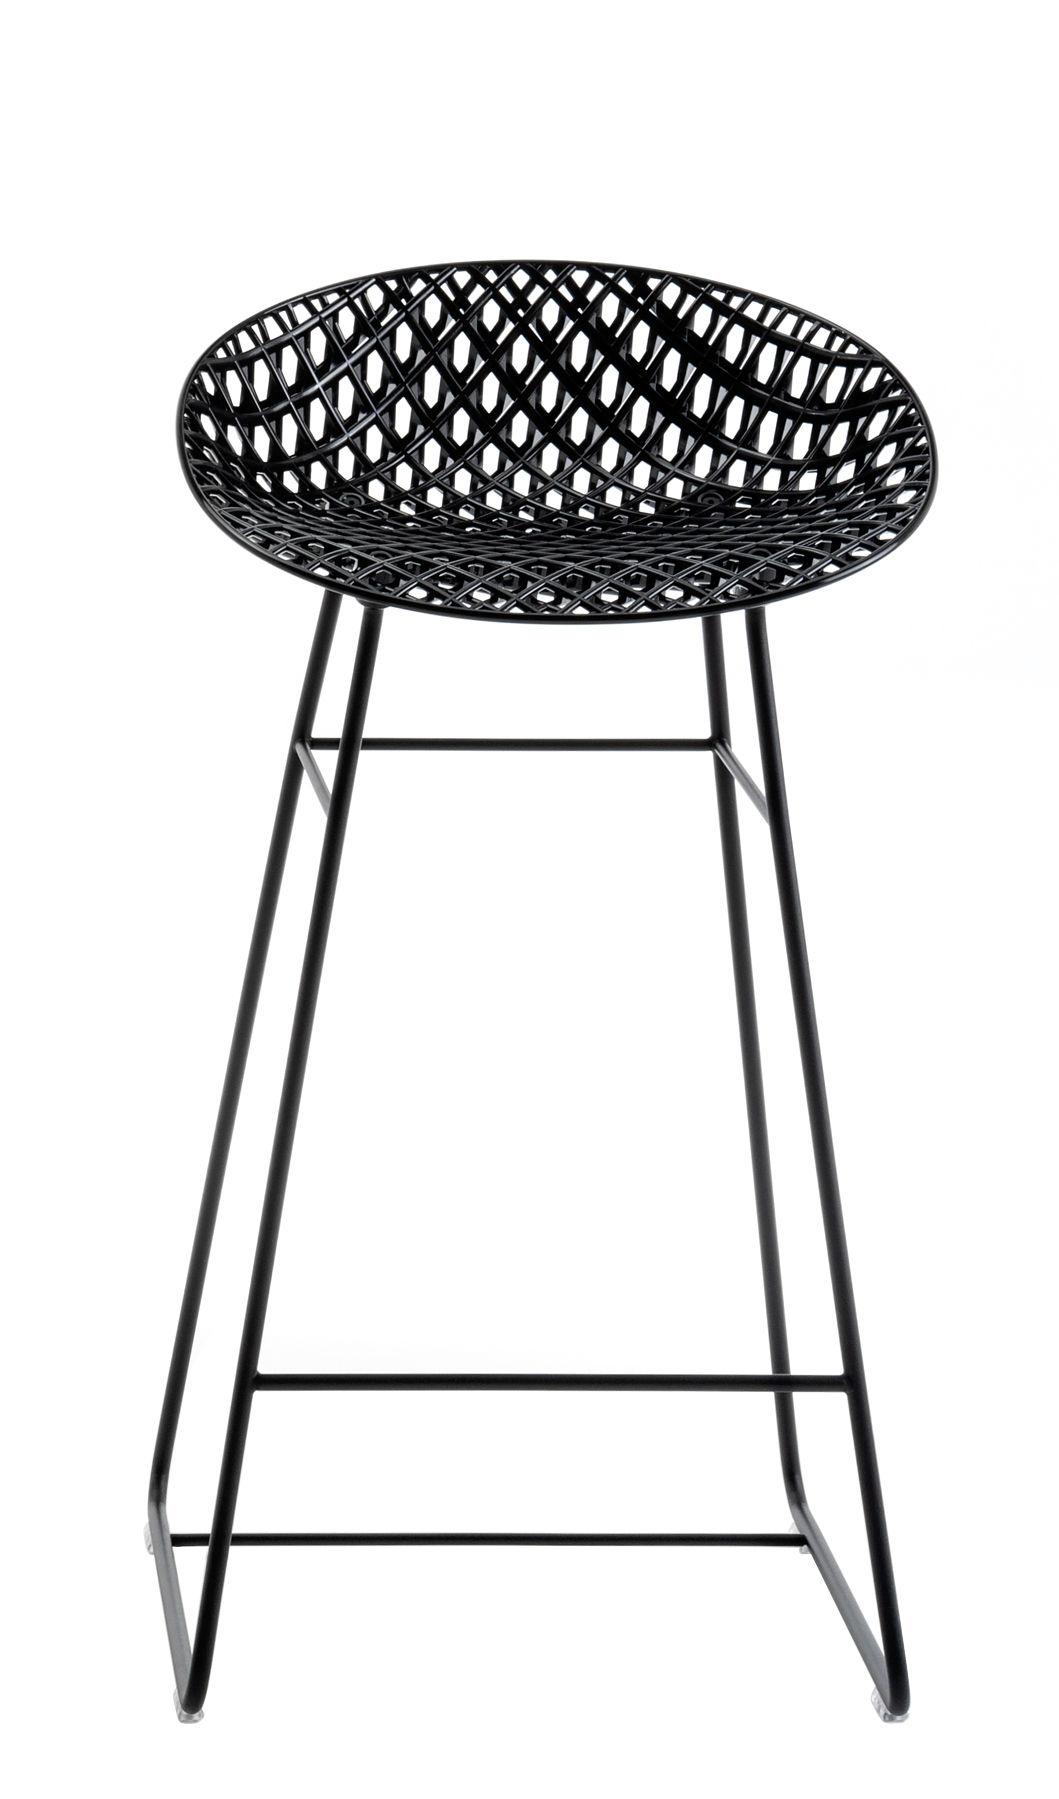 Mobilier - Tabourets de bar - Tabouret haut Smatrik / Outdoor - H 65 cm - Kartell - Noir - Acier inoxydable laqué, Polycarbonate